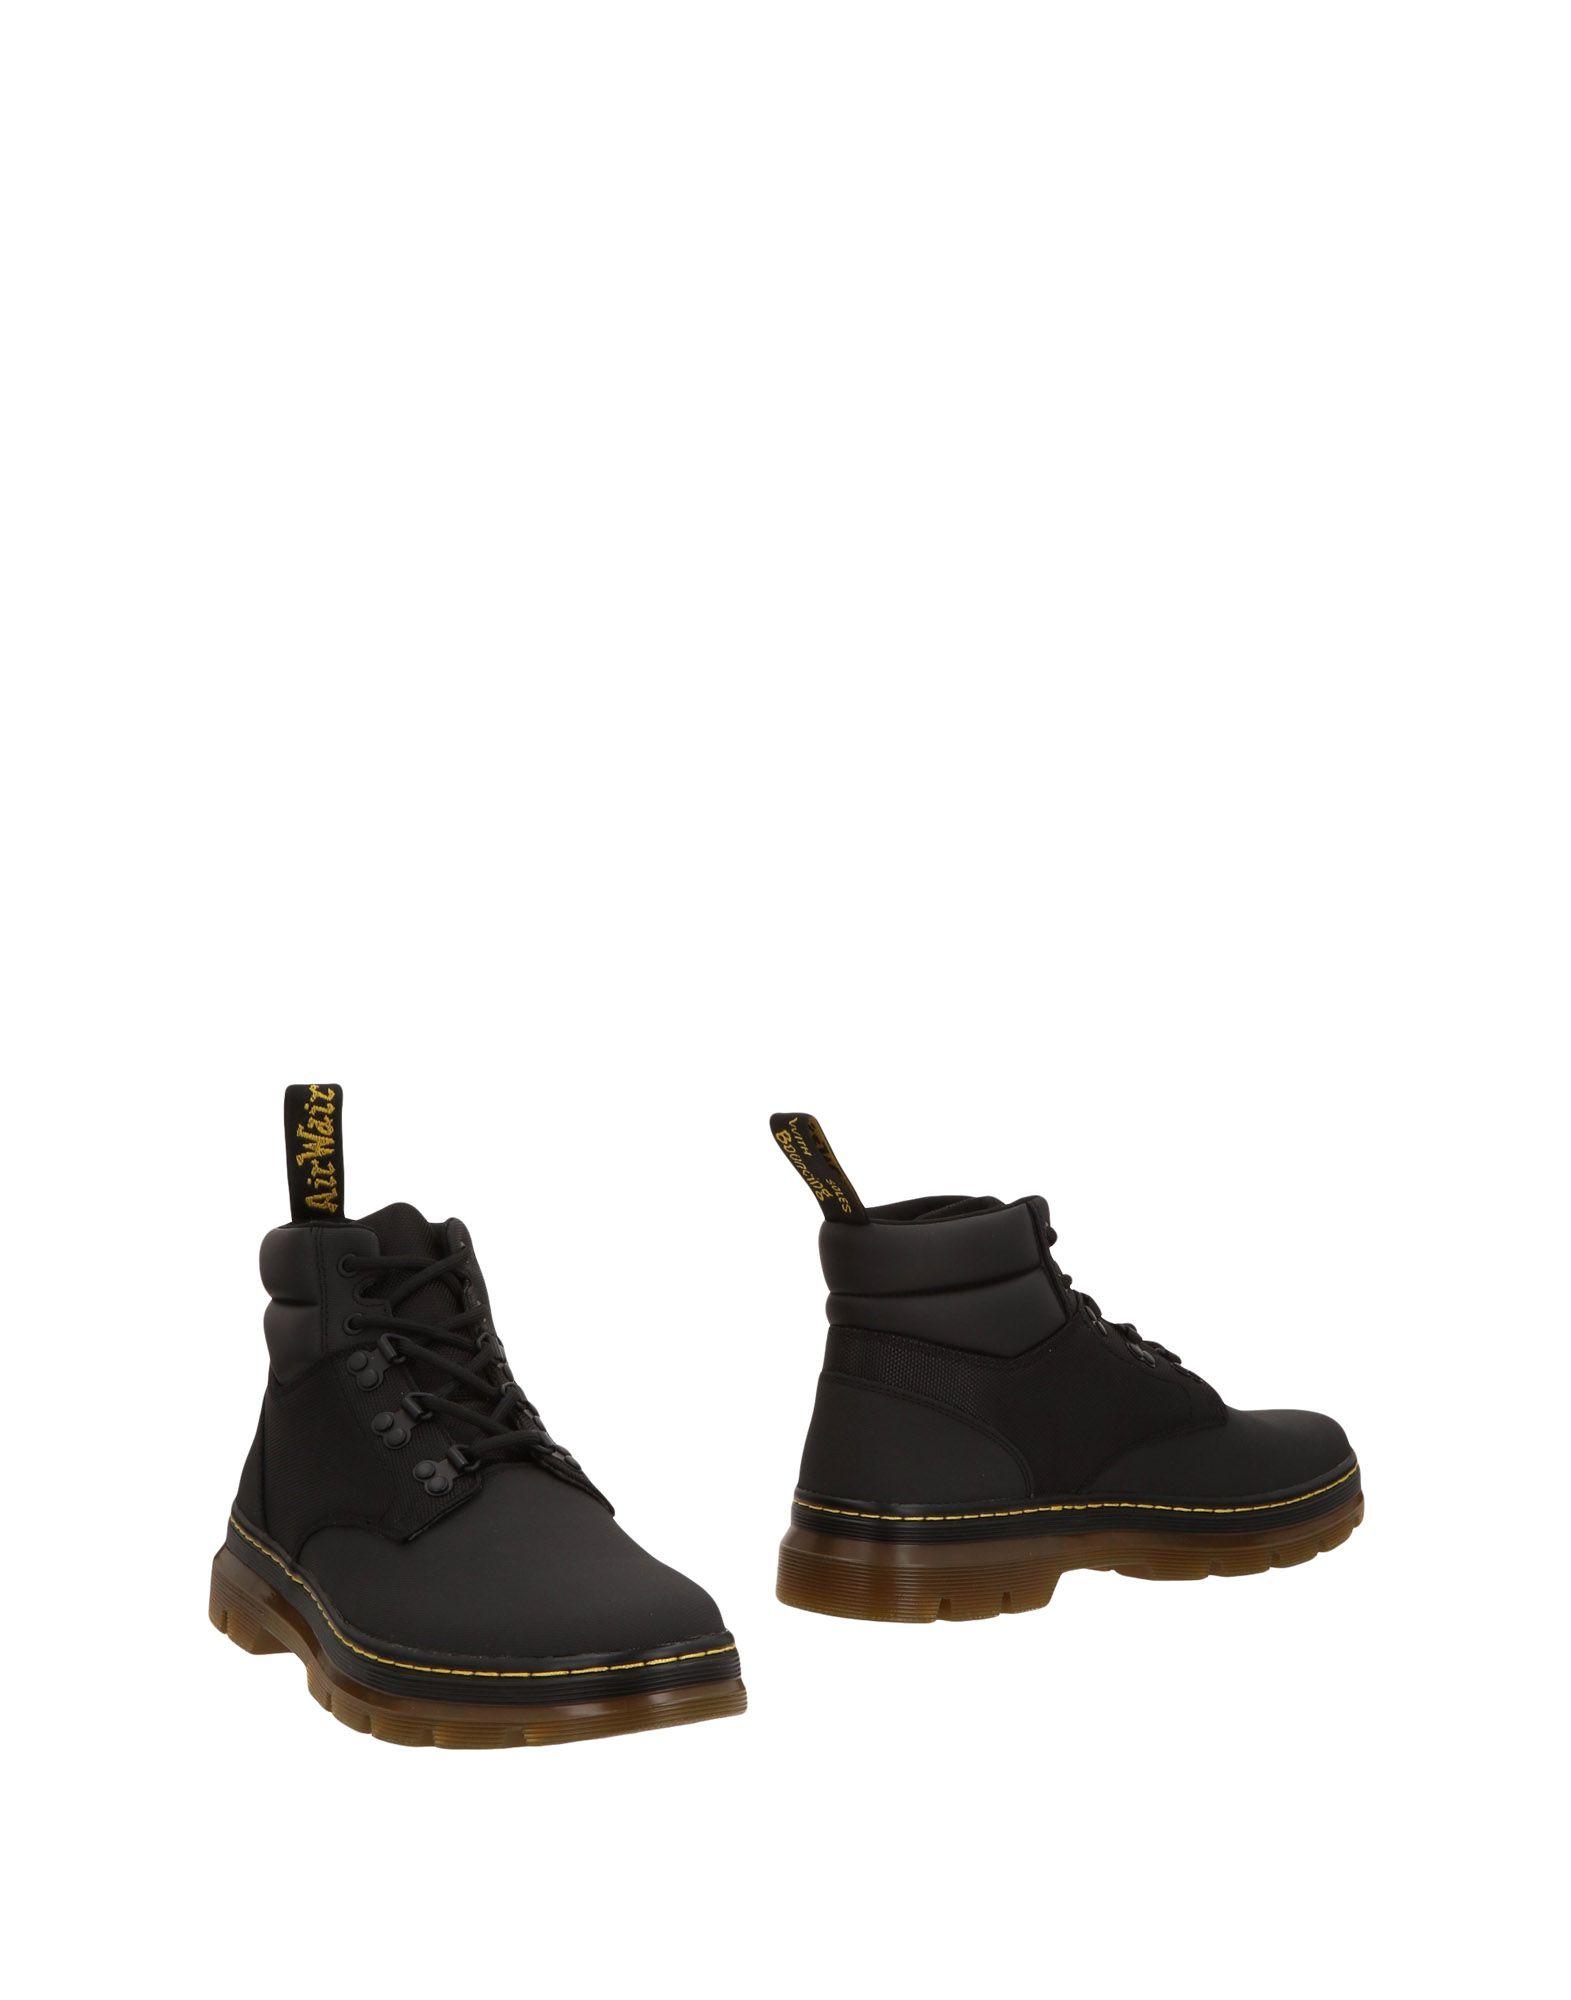 Dr. Martens Boots - Men Dr. Martens Australia Boots online on  Australia Martens - 11465602EI 214cc1